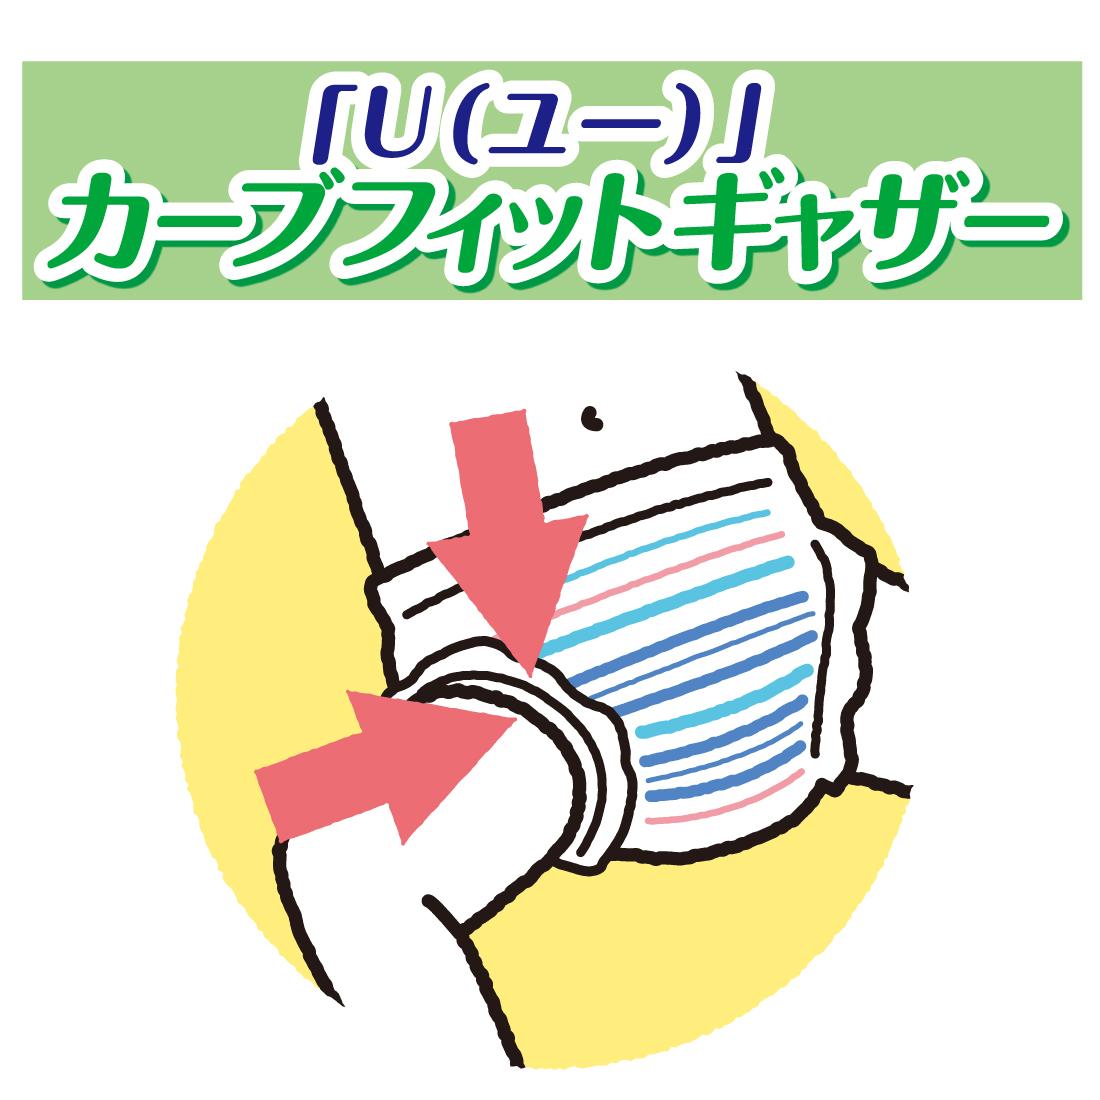 グーン ナイトジュニアパンツ14枚【853988】